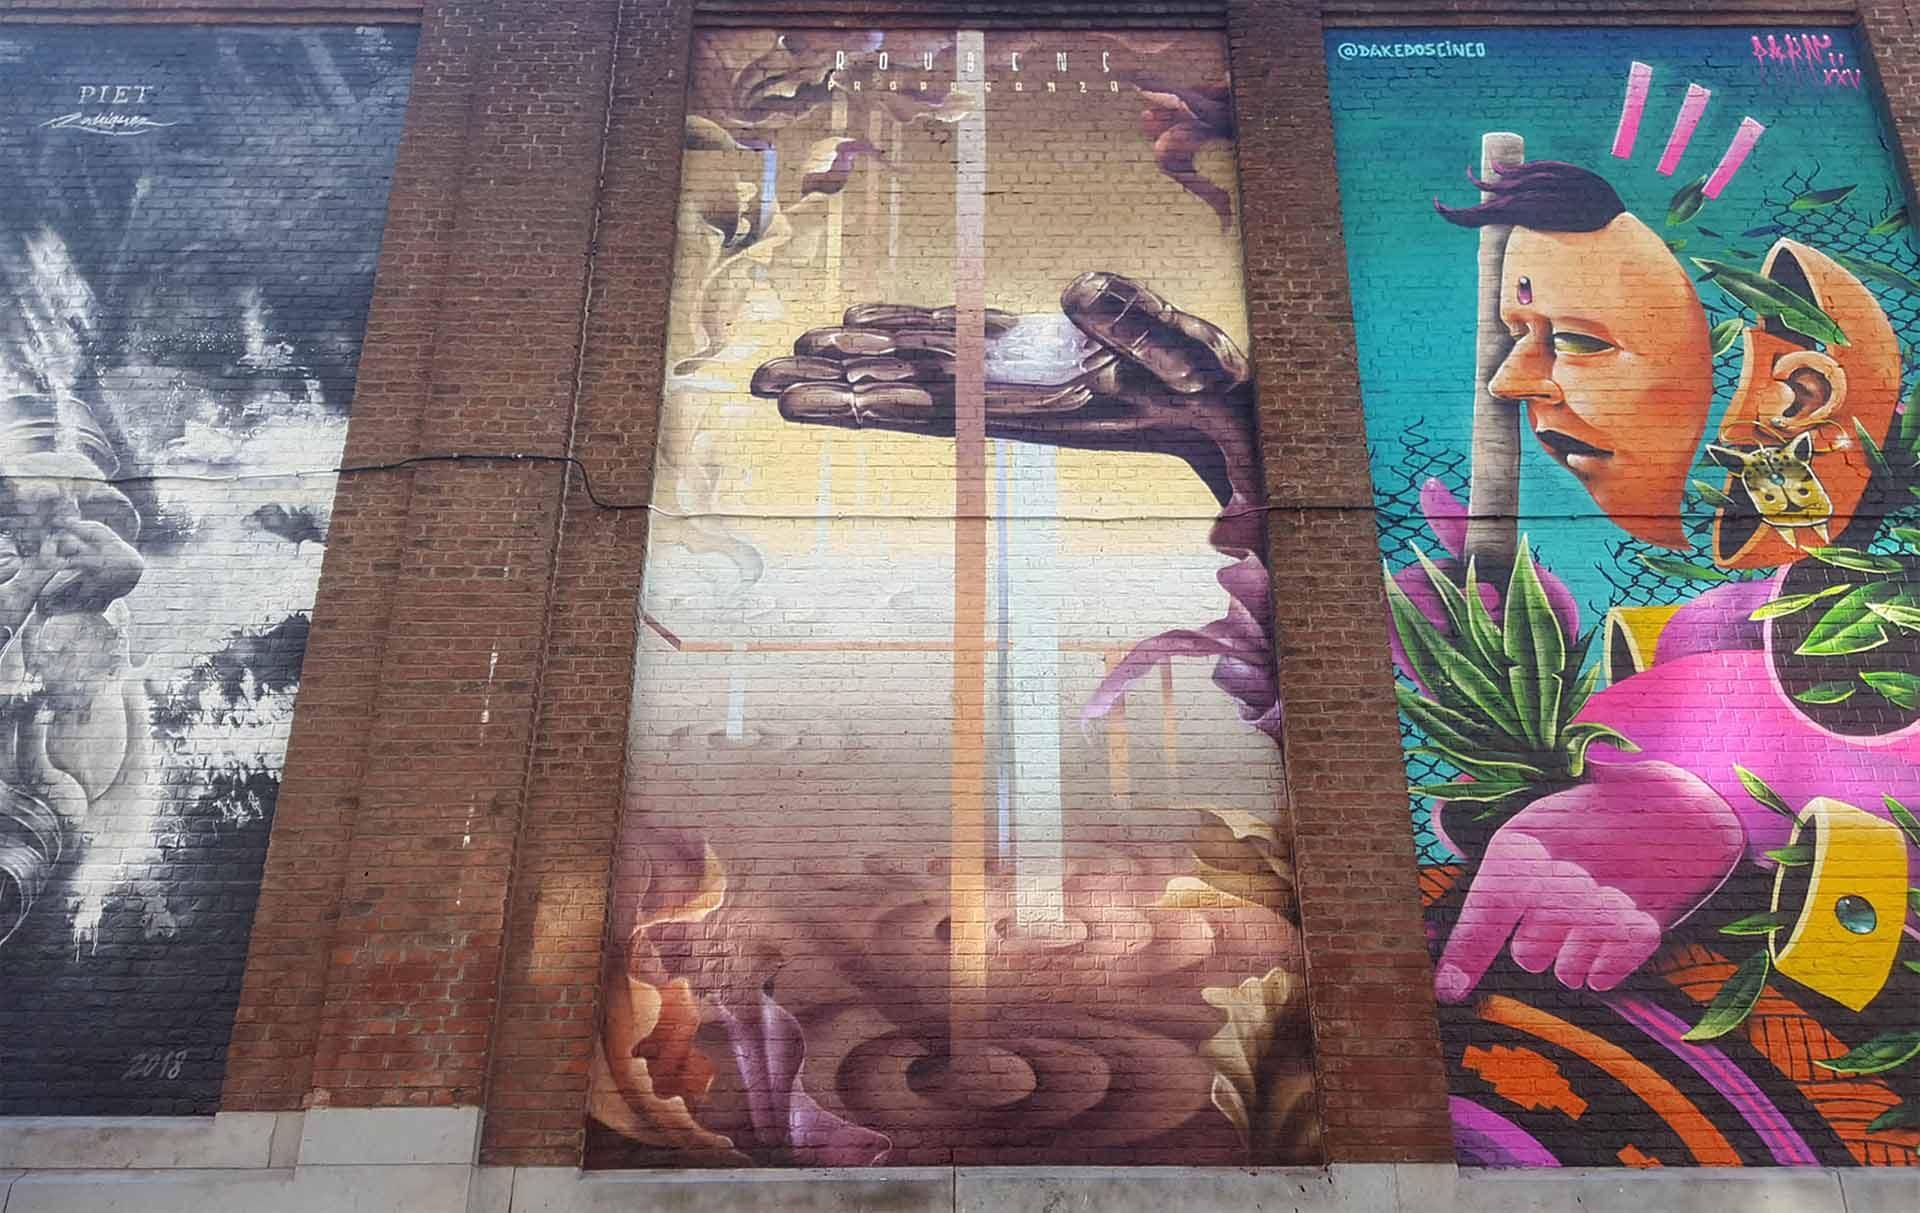 roubens-abstract-organic-vegetal-landscape-flower-contemporary-paint-street-art-natural-mural-belgium-propaganza_03